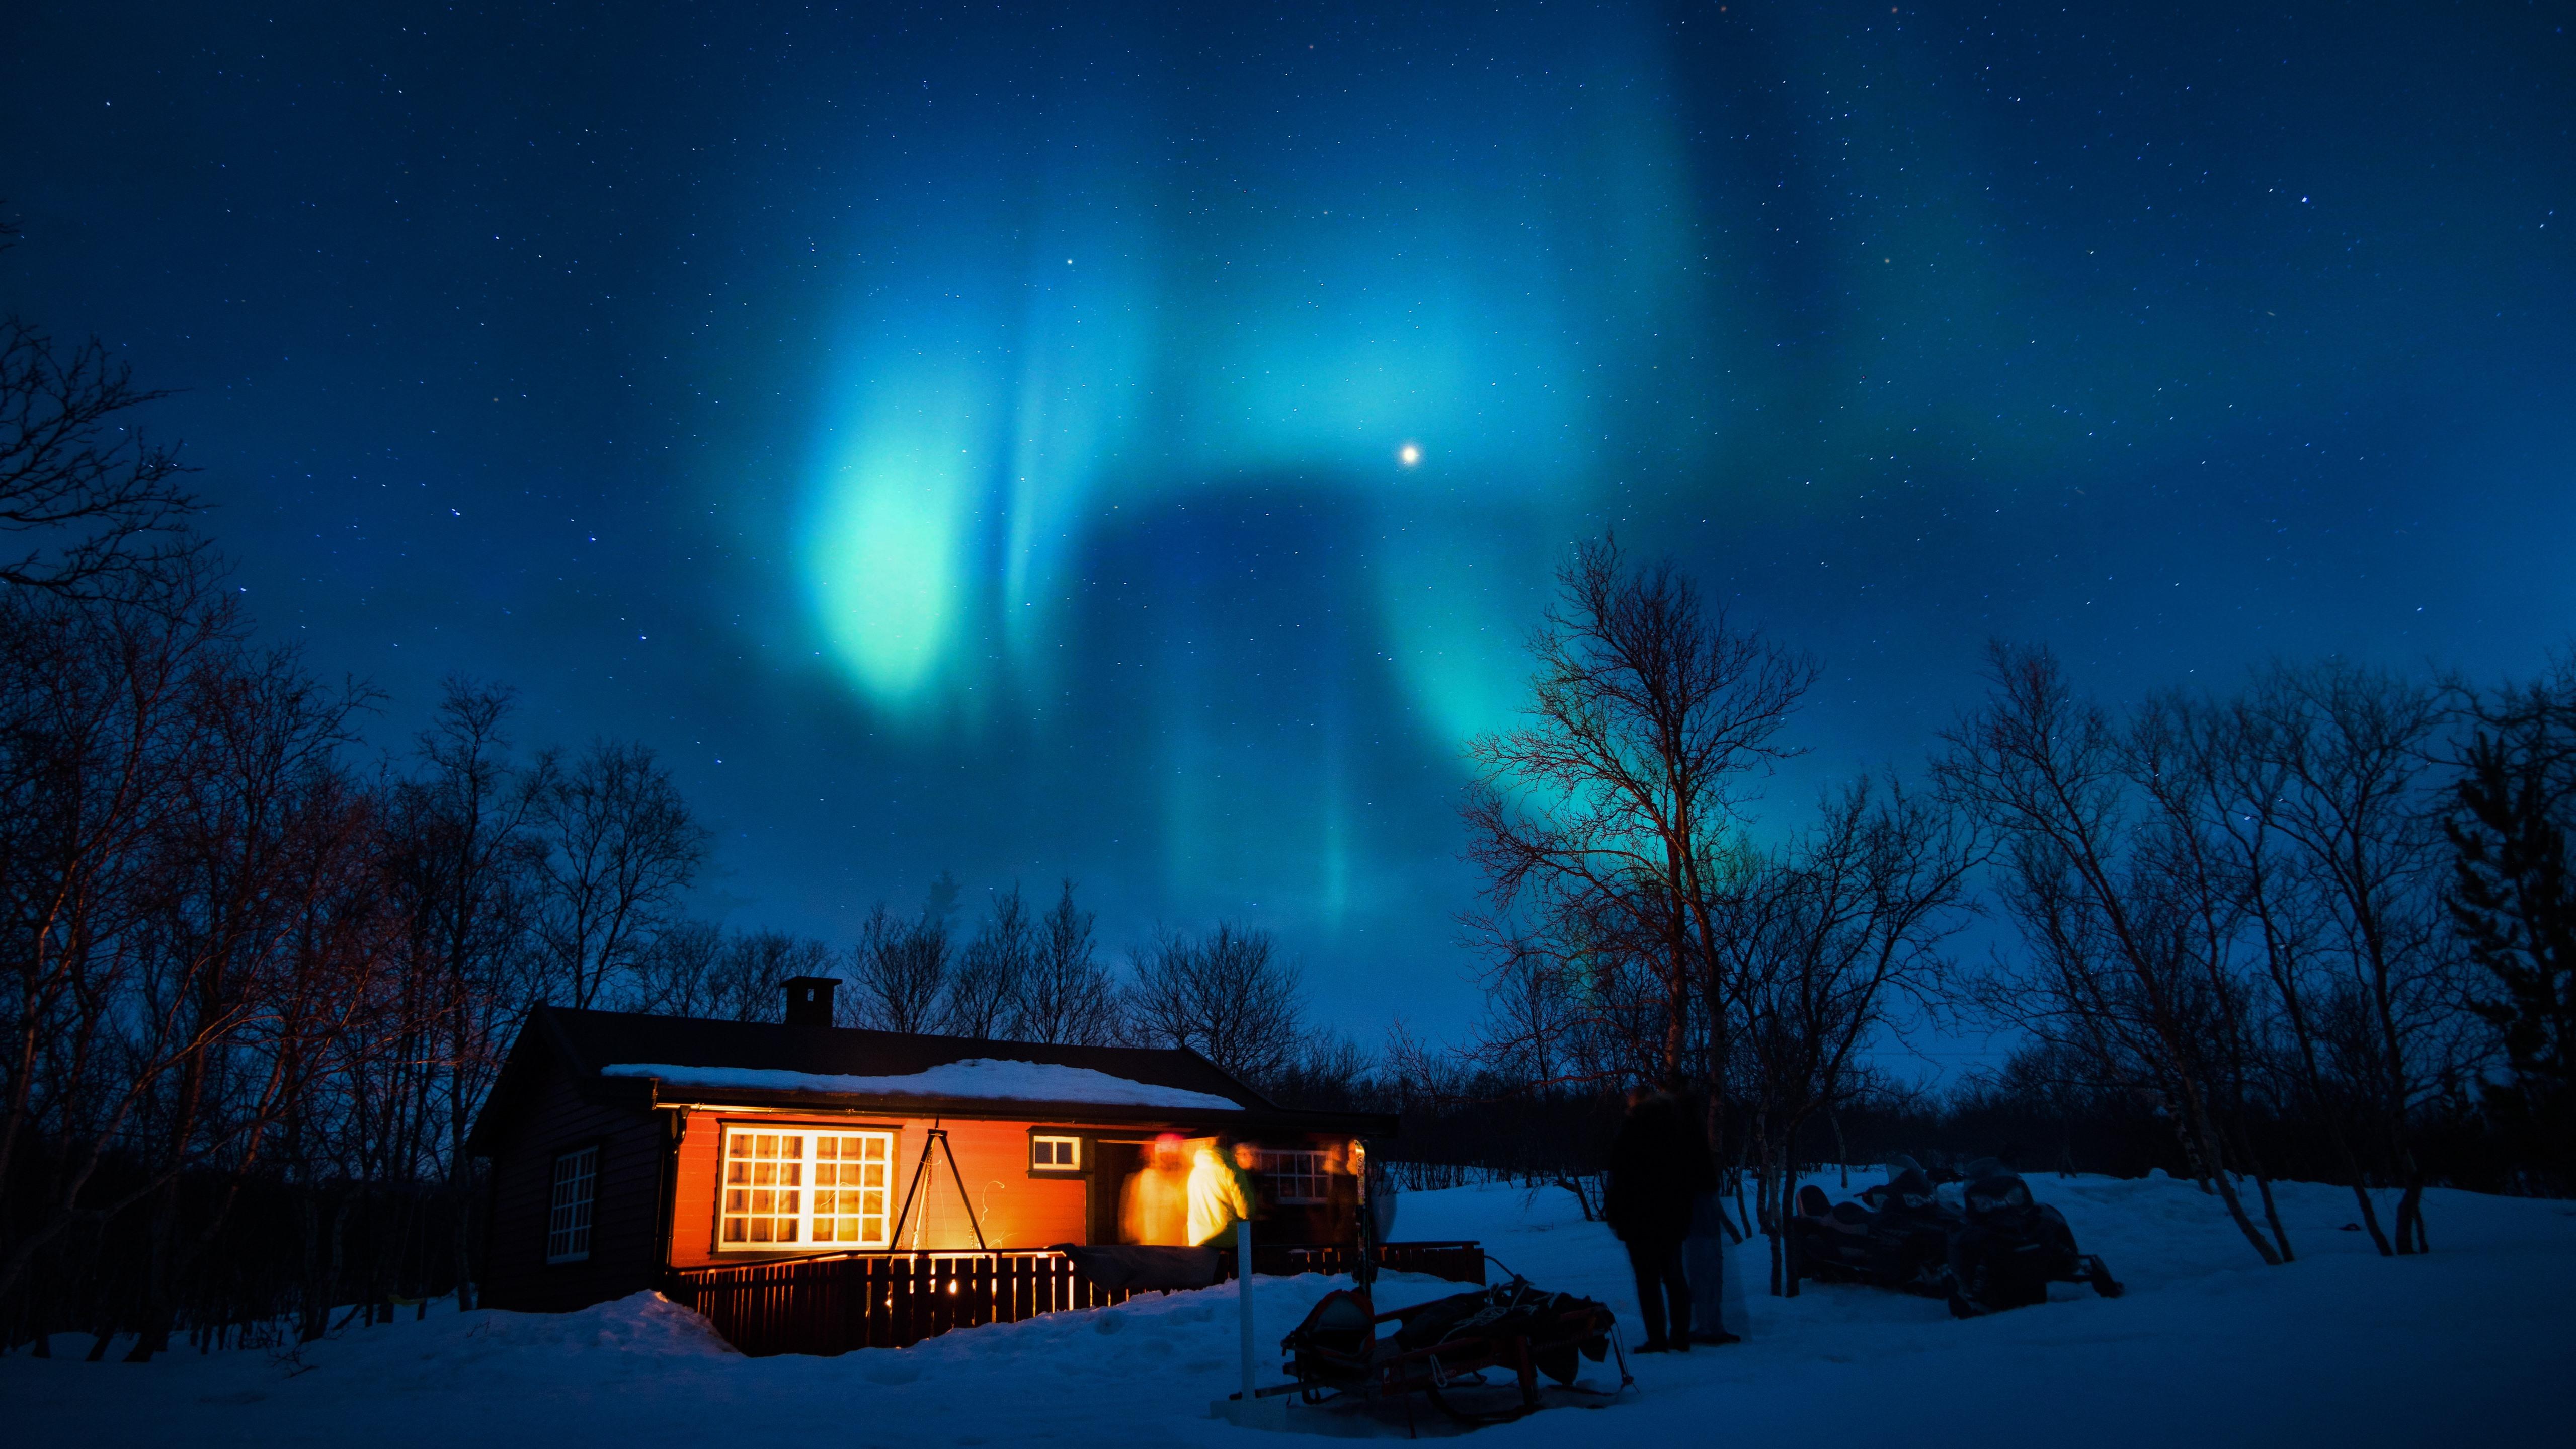 Wallpaper Aurora Borealis Starry House Trees Snow Night